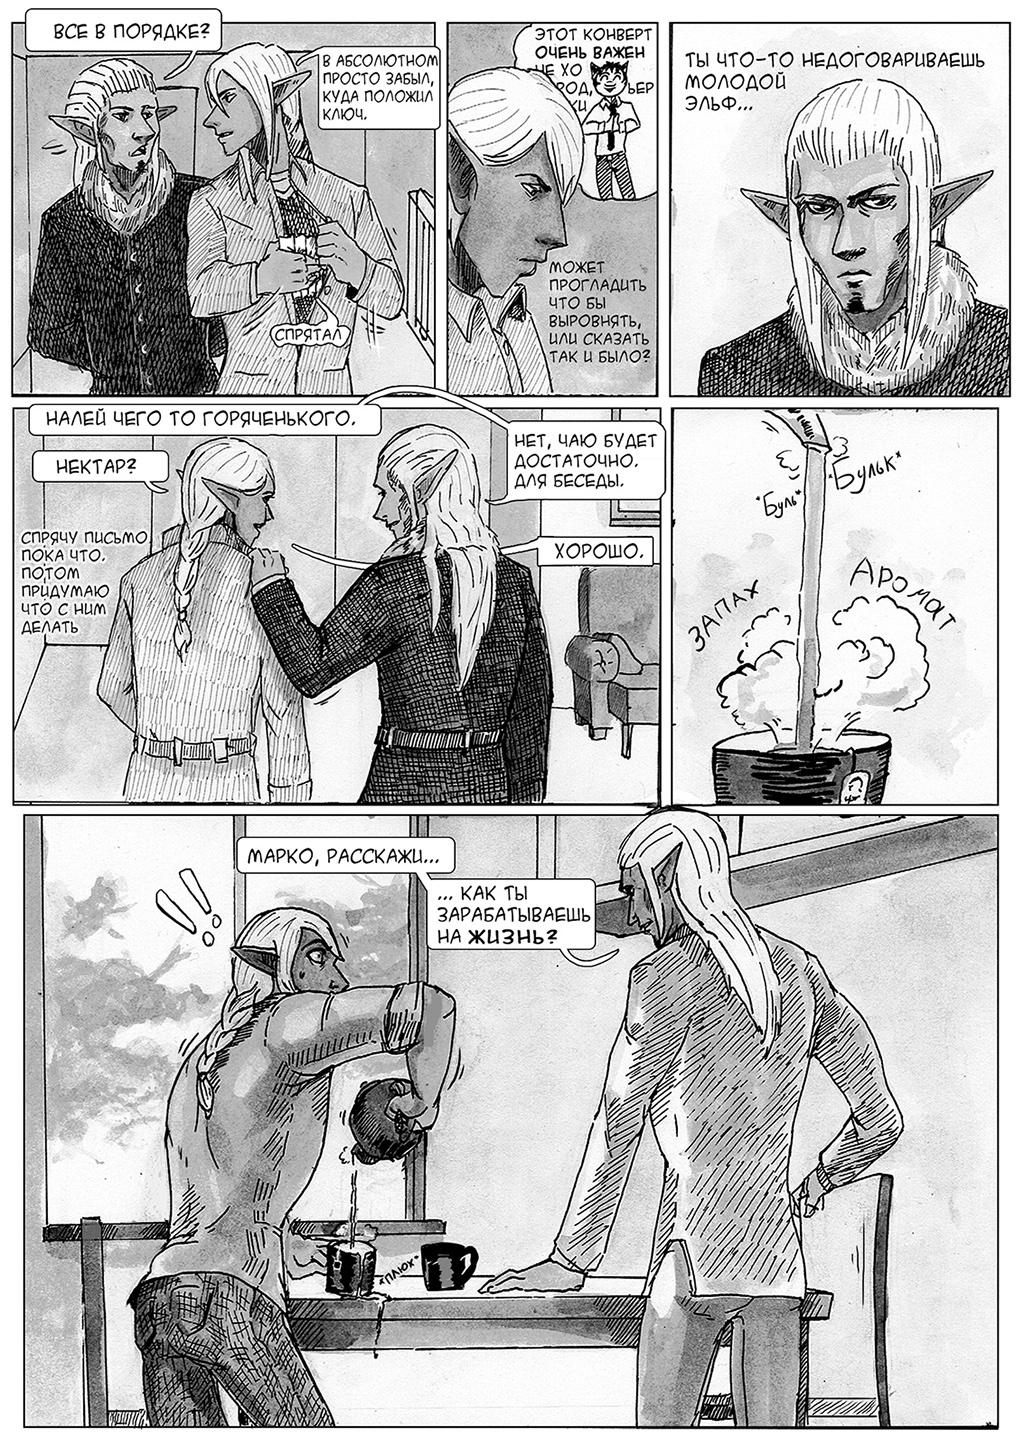 Смотреть читать порно комиксы онлайн 8 фотография